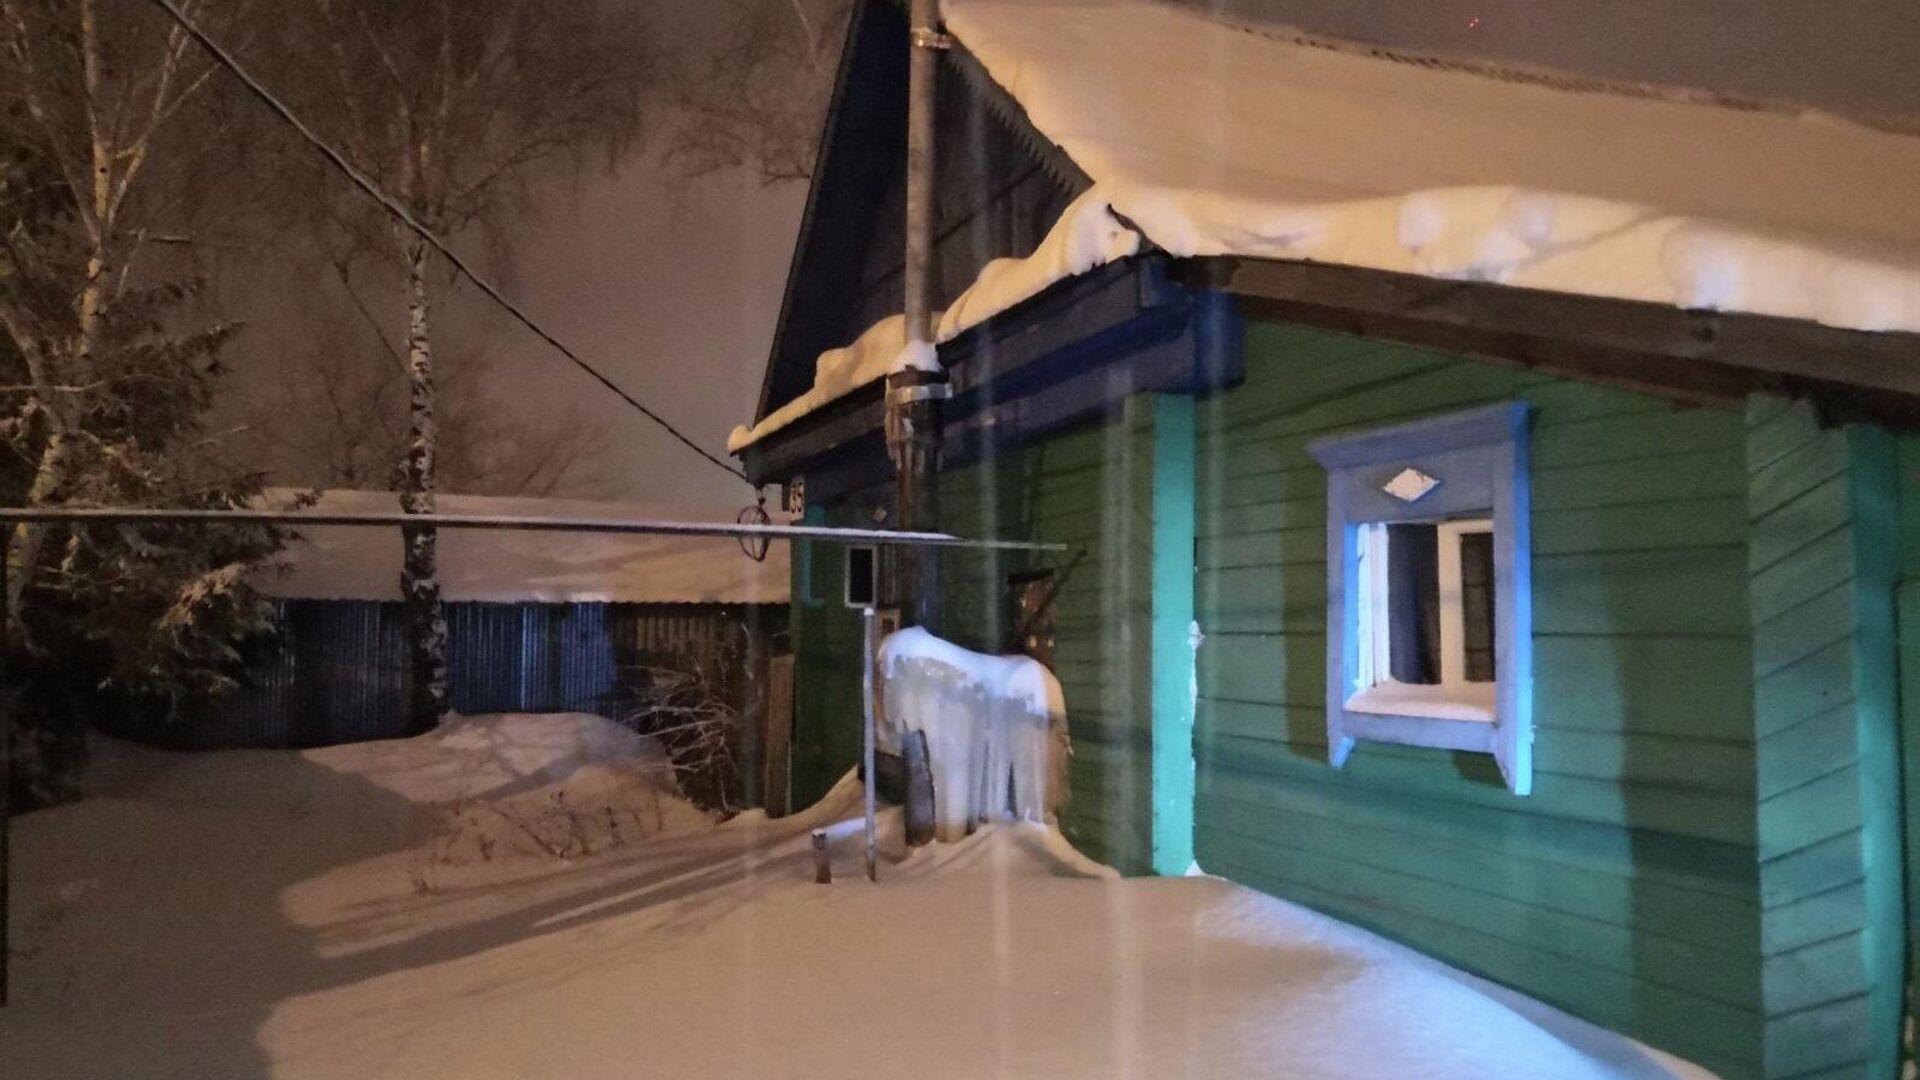 В селе Сергиевск Самарской области три человека отравились угарным газом - РИА Новости, 1920, 27.02.2021